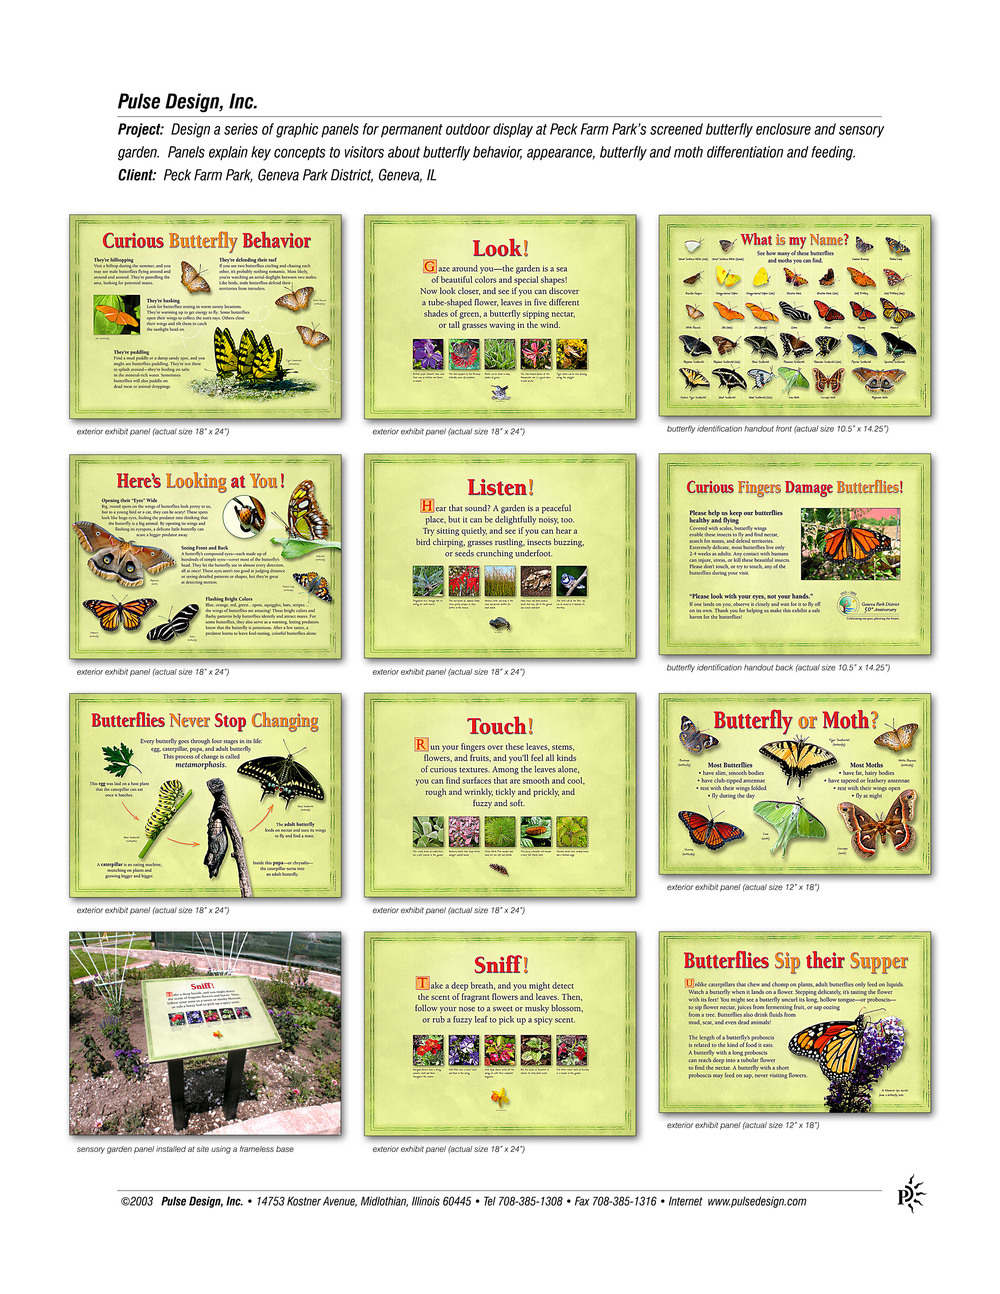 Peck-Farm-Park-Butterflies-2-Signs-Pulse-Design-Inc.jpg